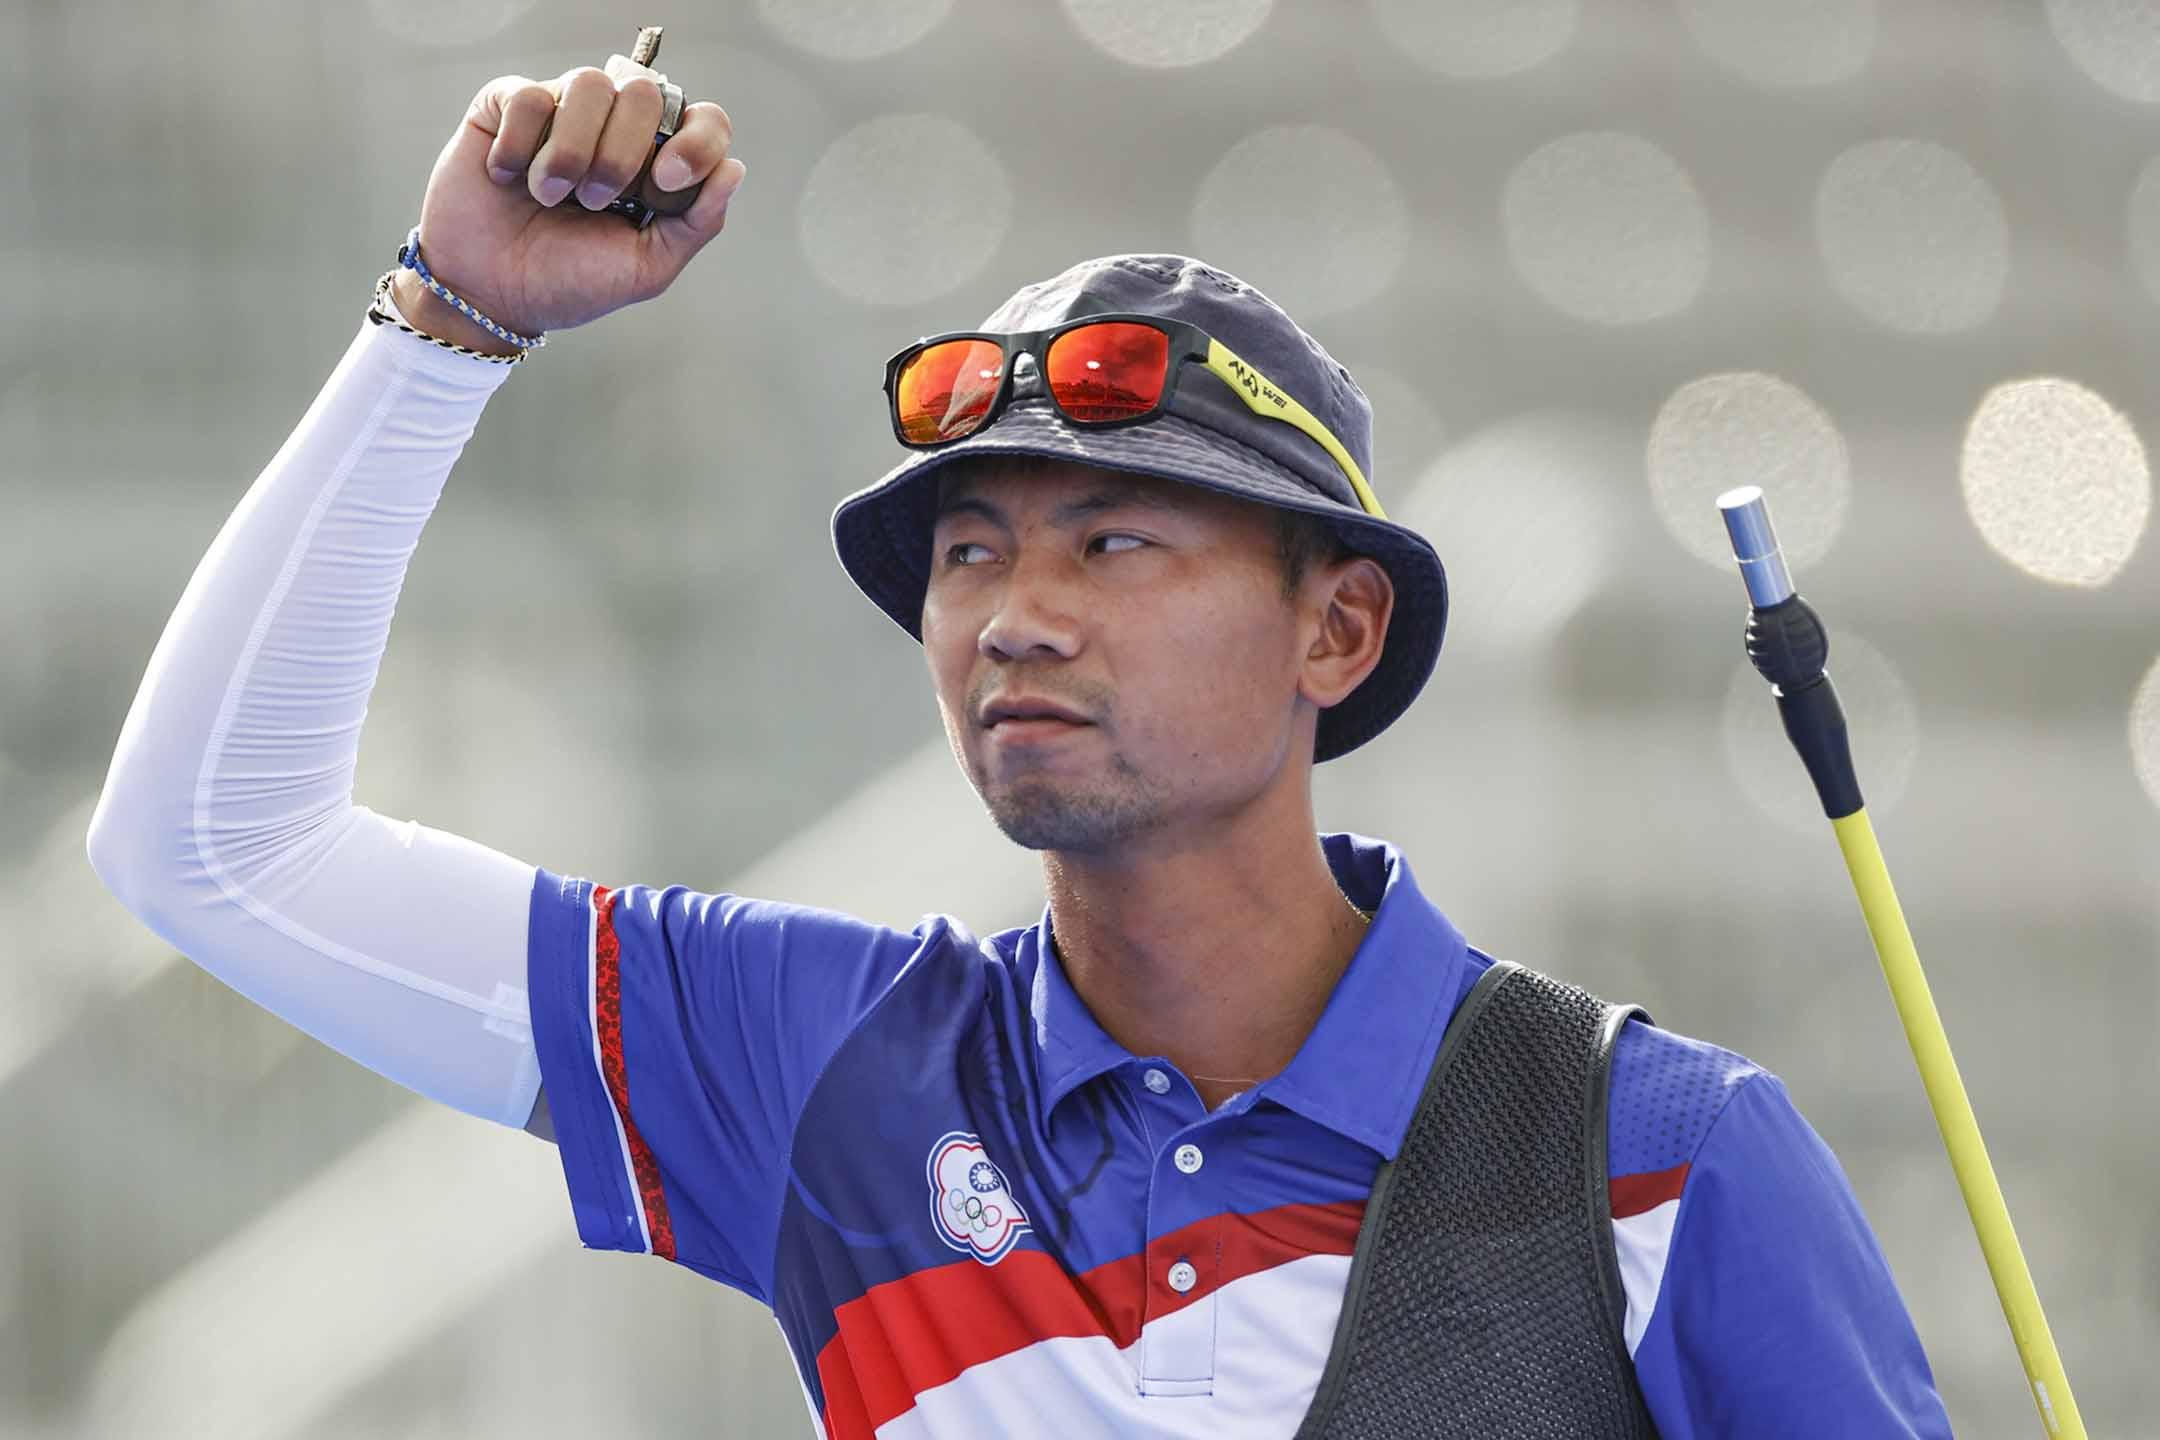 2021年7月26日日本東京,台灣隊的魏均珩。